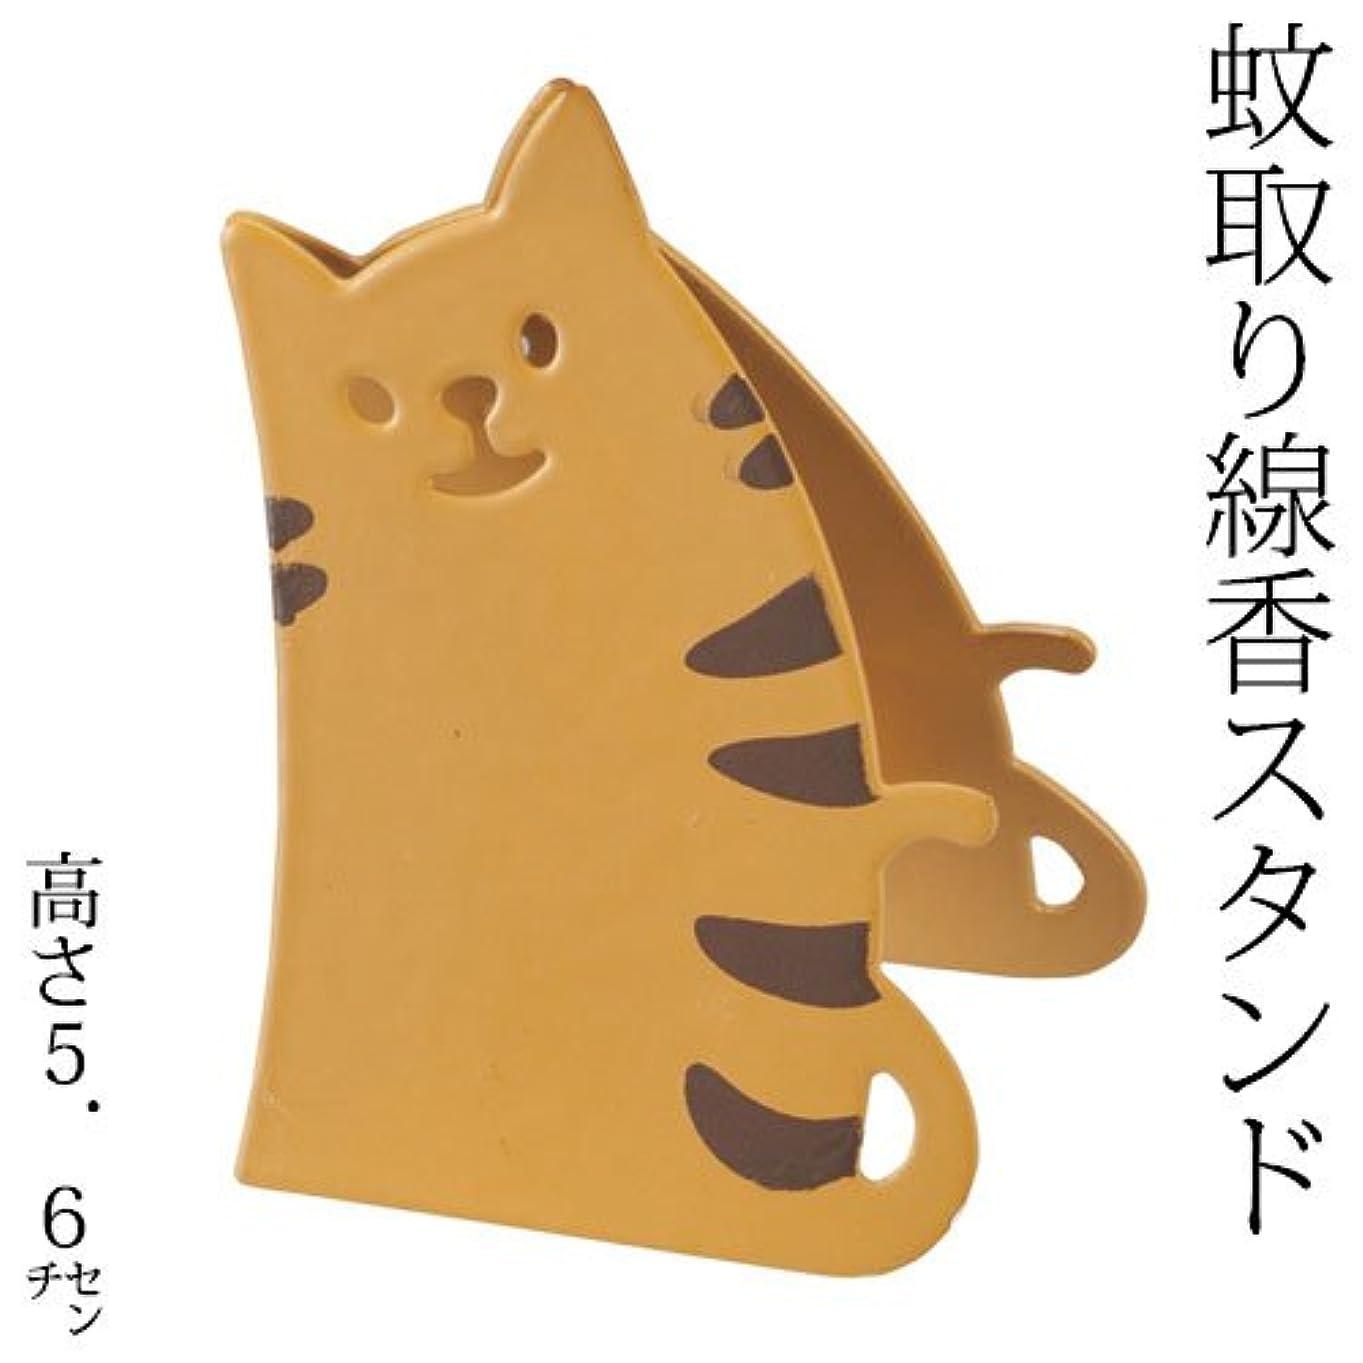 改修会計士敬DECOLE蚊取り線香クリップスタンドトラ猫 (SK-13936)Mosquito coil clip stand